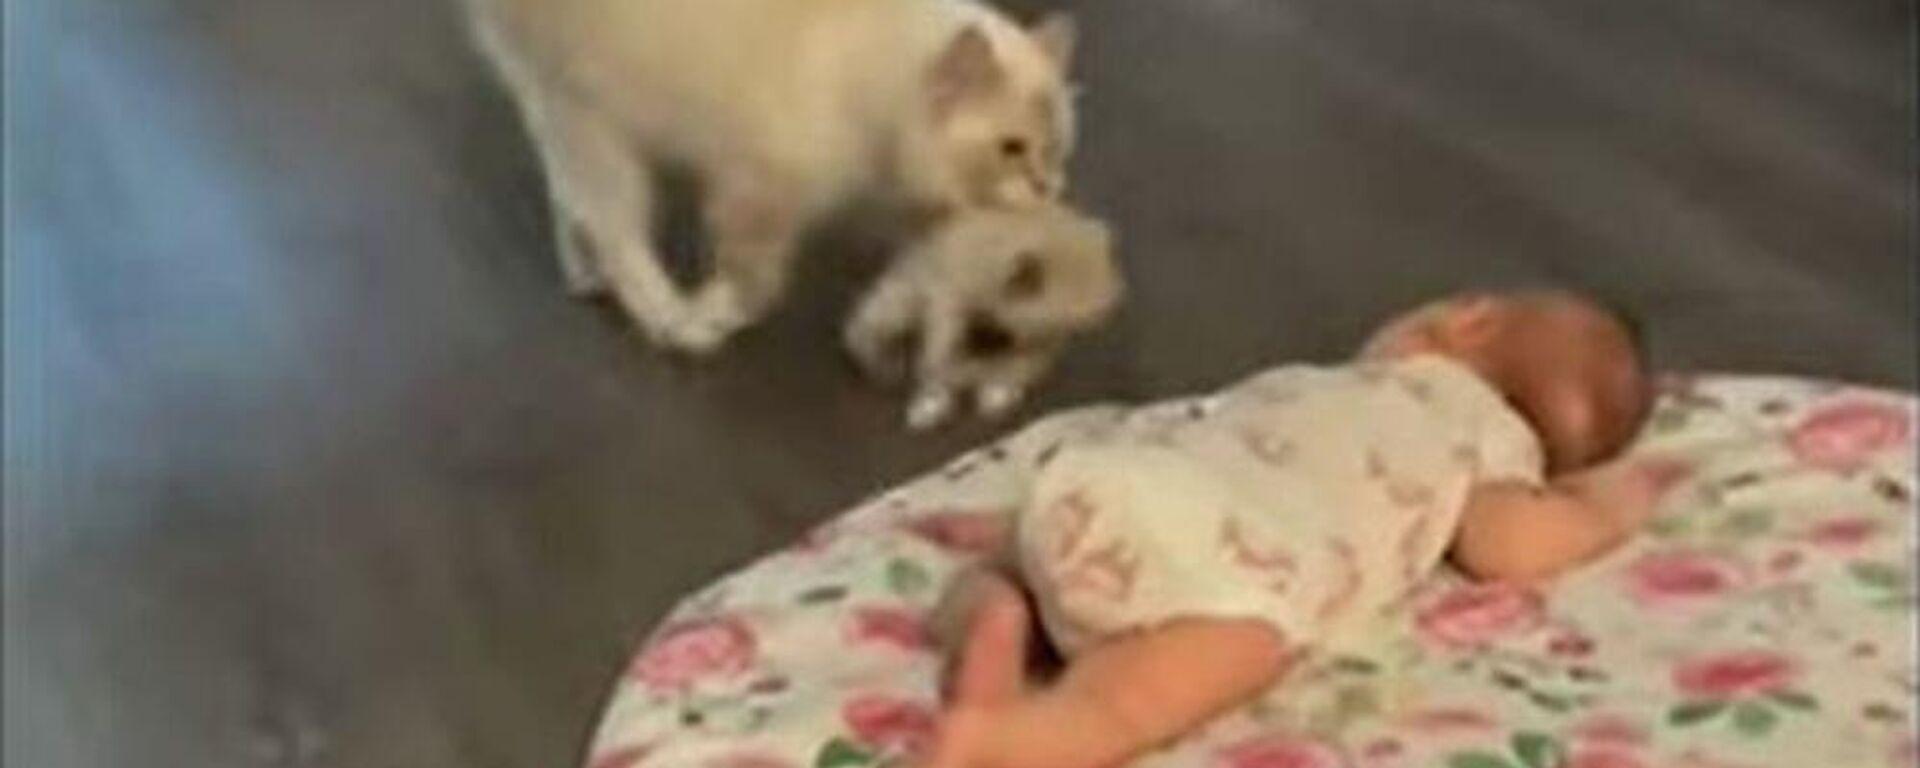 Γάτα φέρνει το γατάκι της να το γνωρίσει στο νεογέννητο μωρό της αφεντικίνας - Sputnik Ελλάδα, 1920, 17.09.2021